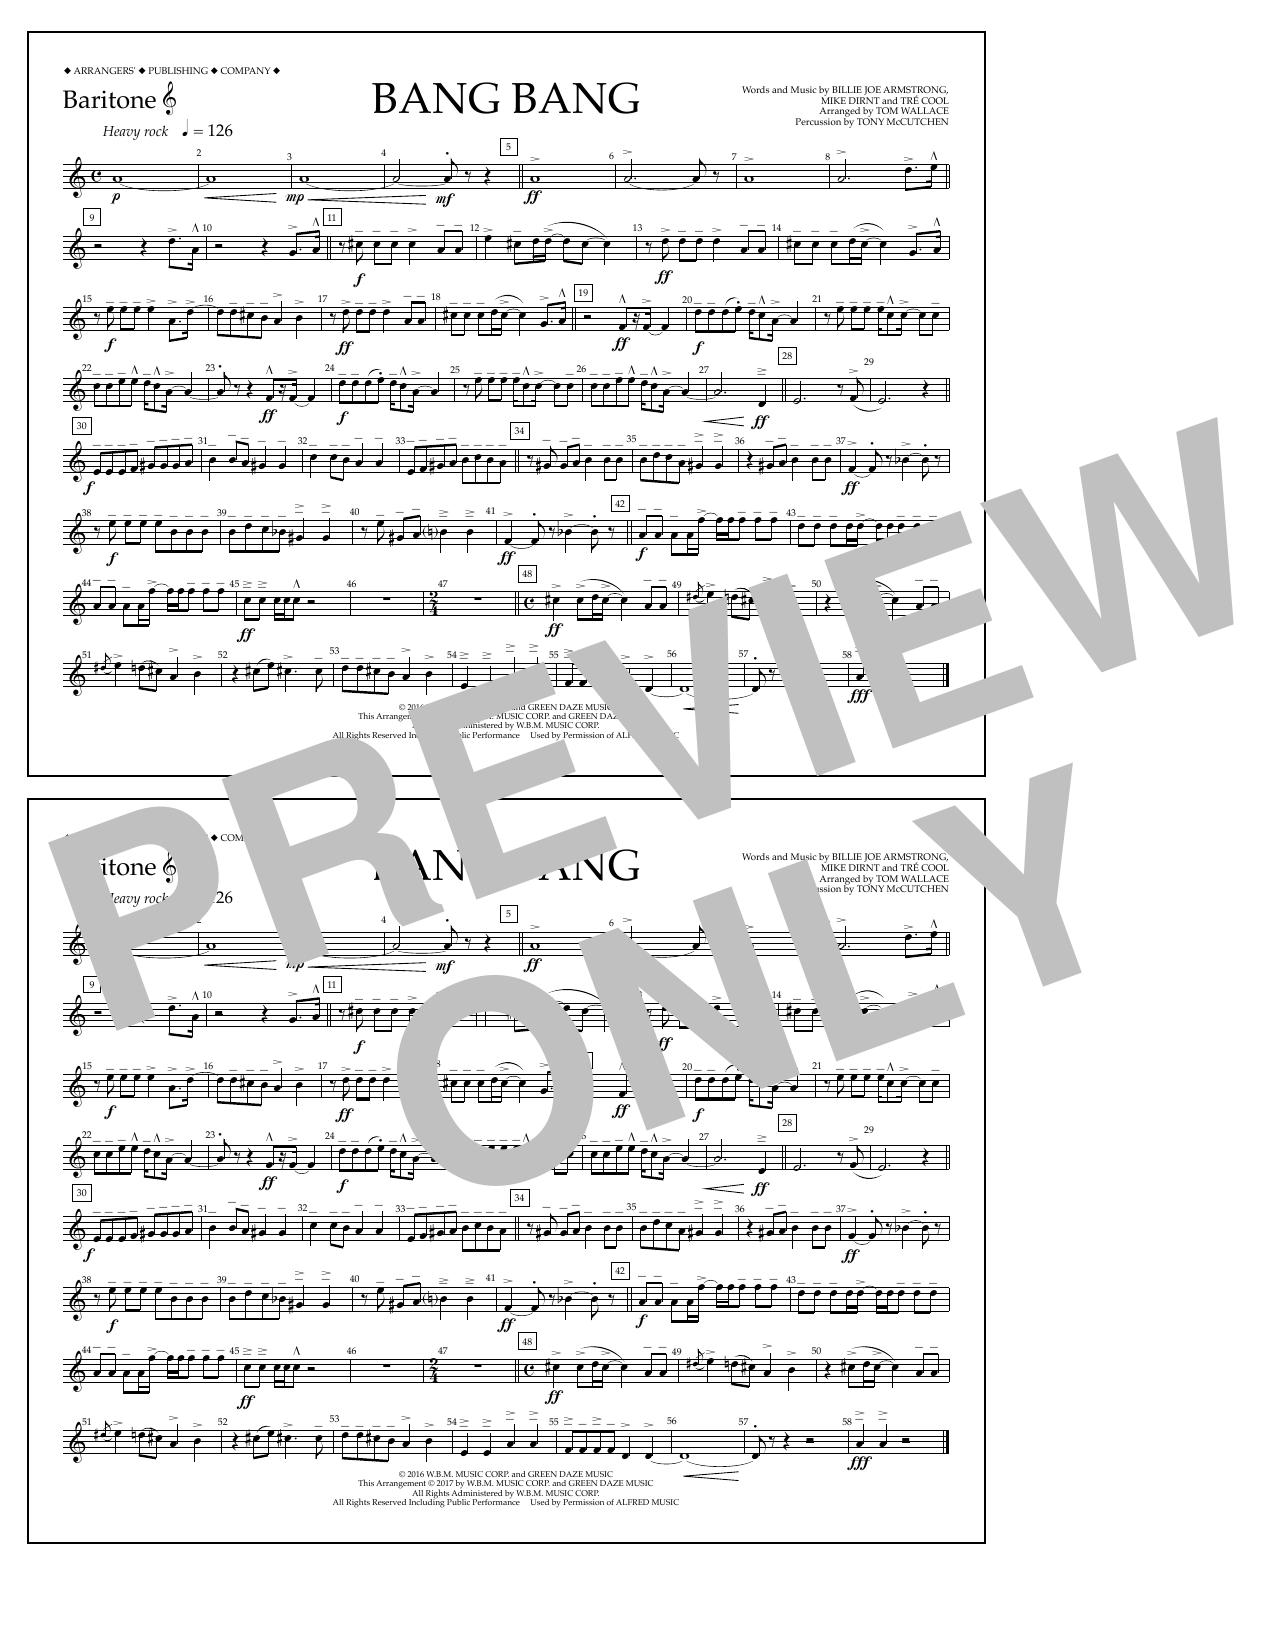 Bang Bang - Baritone T.C. Sheet Music